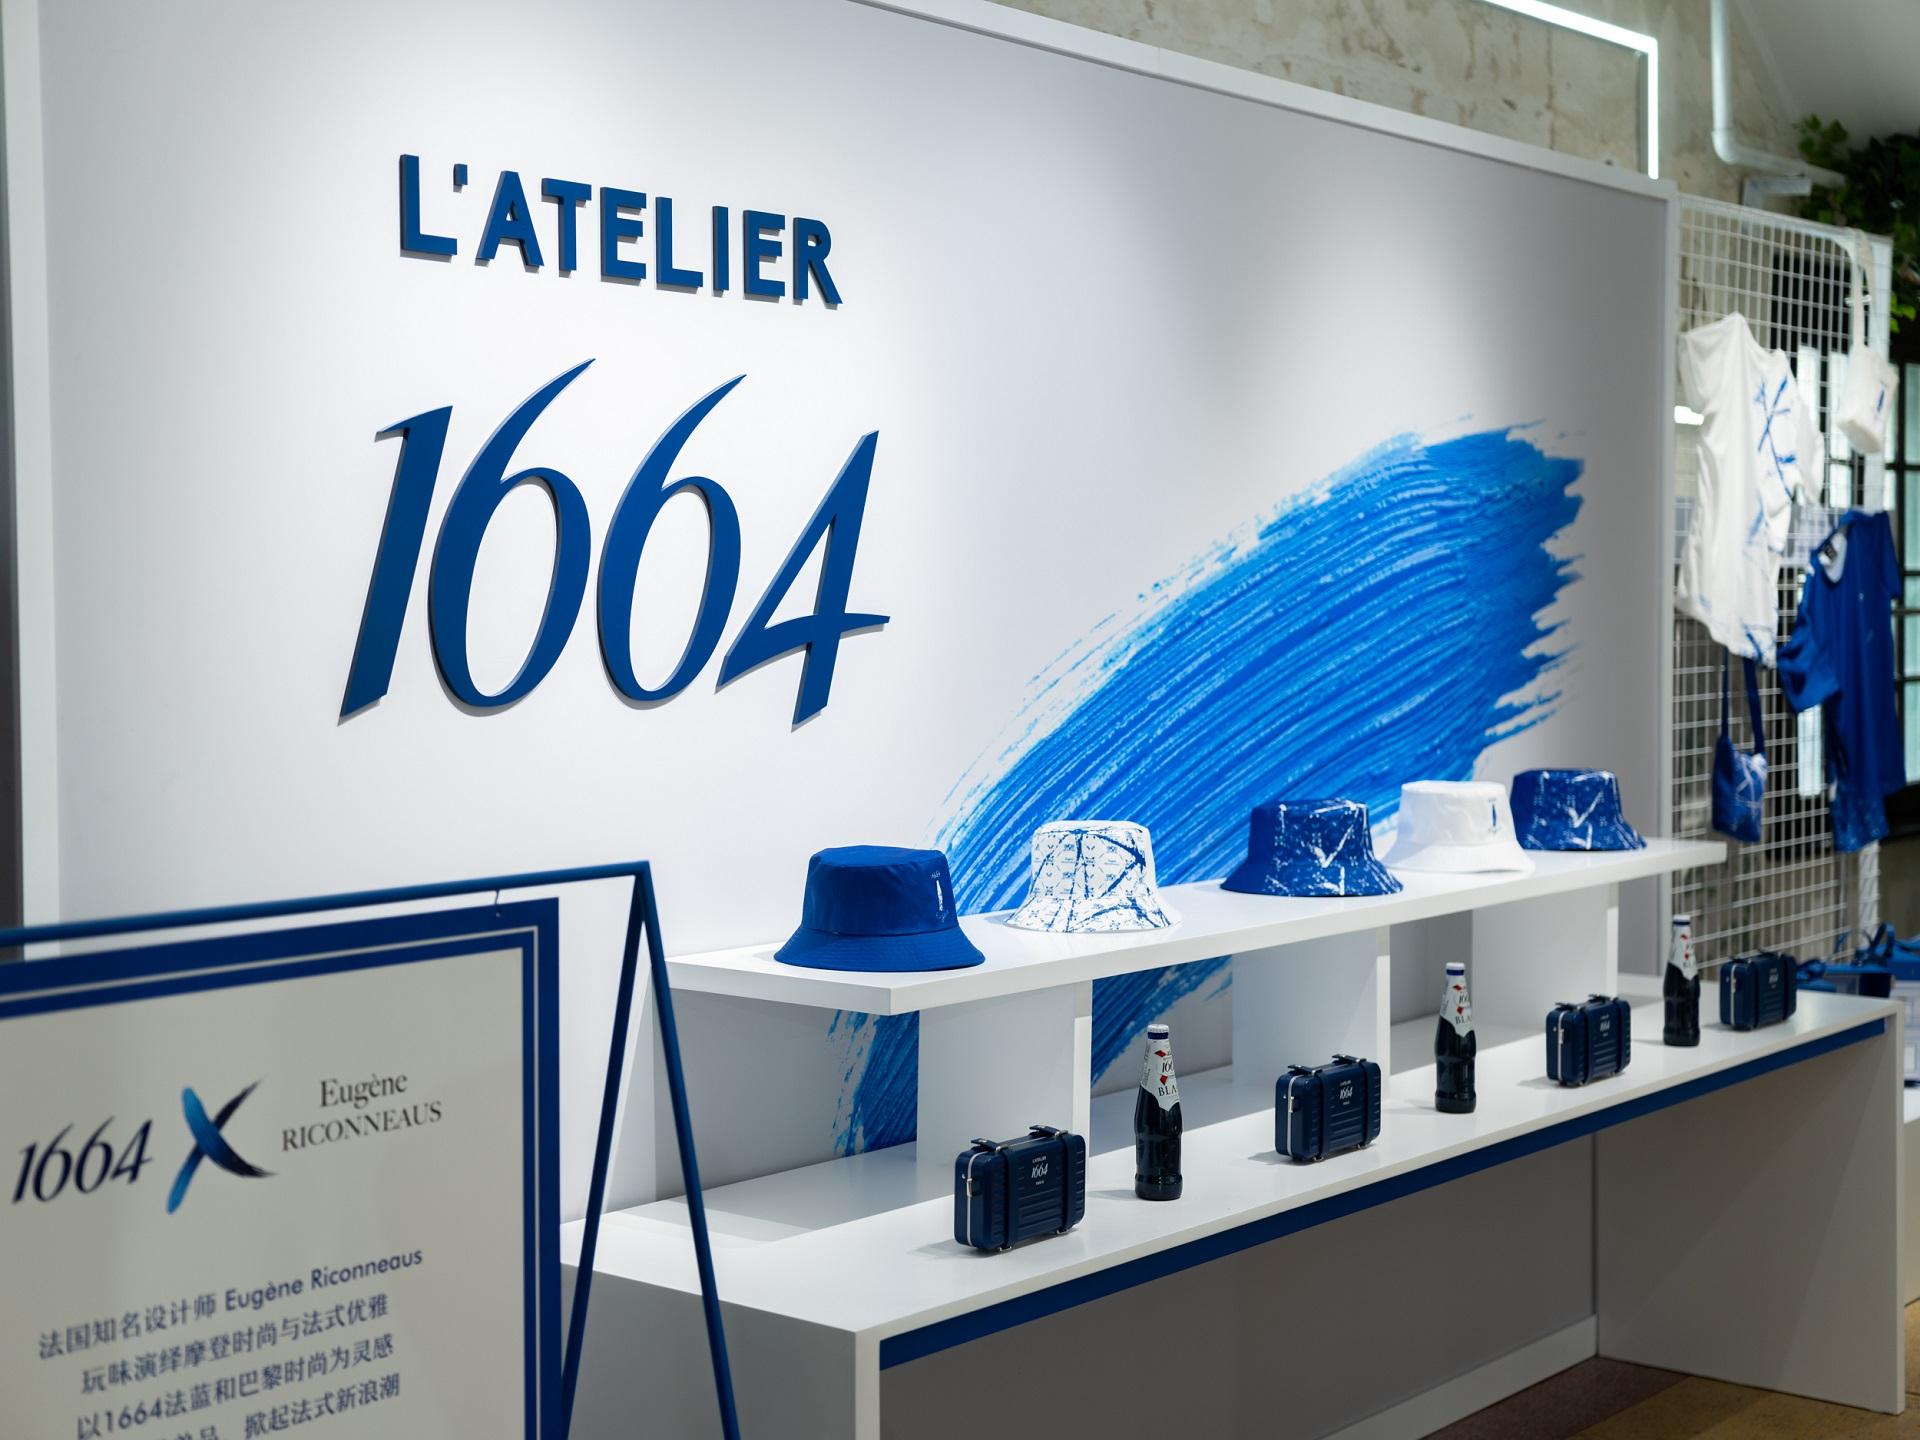 """""""1664 L'ATELIER巴黎艺墅""""抵临上海  1664品牌代言人迪丽热巴探索法式生活插图(14)"""